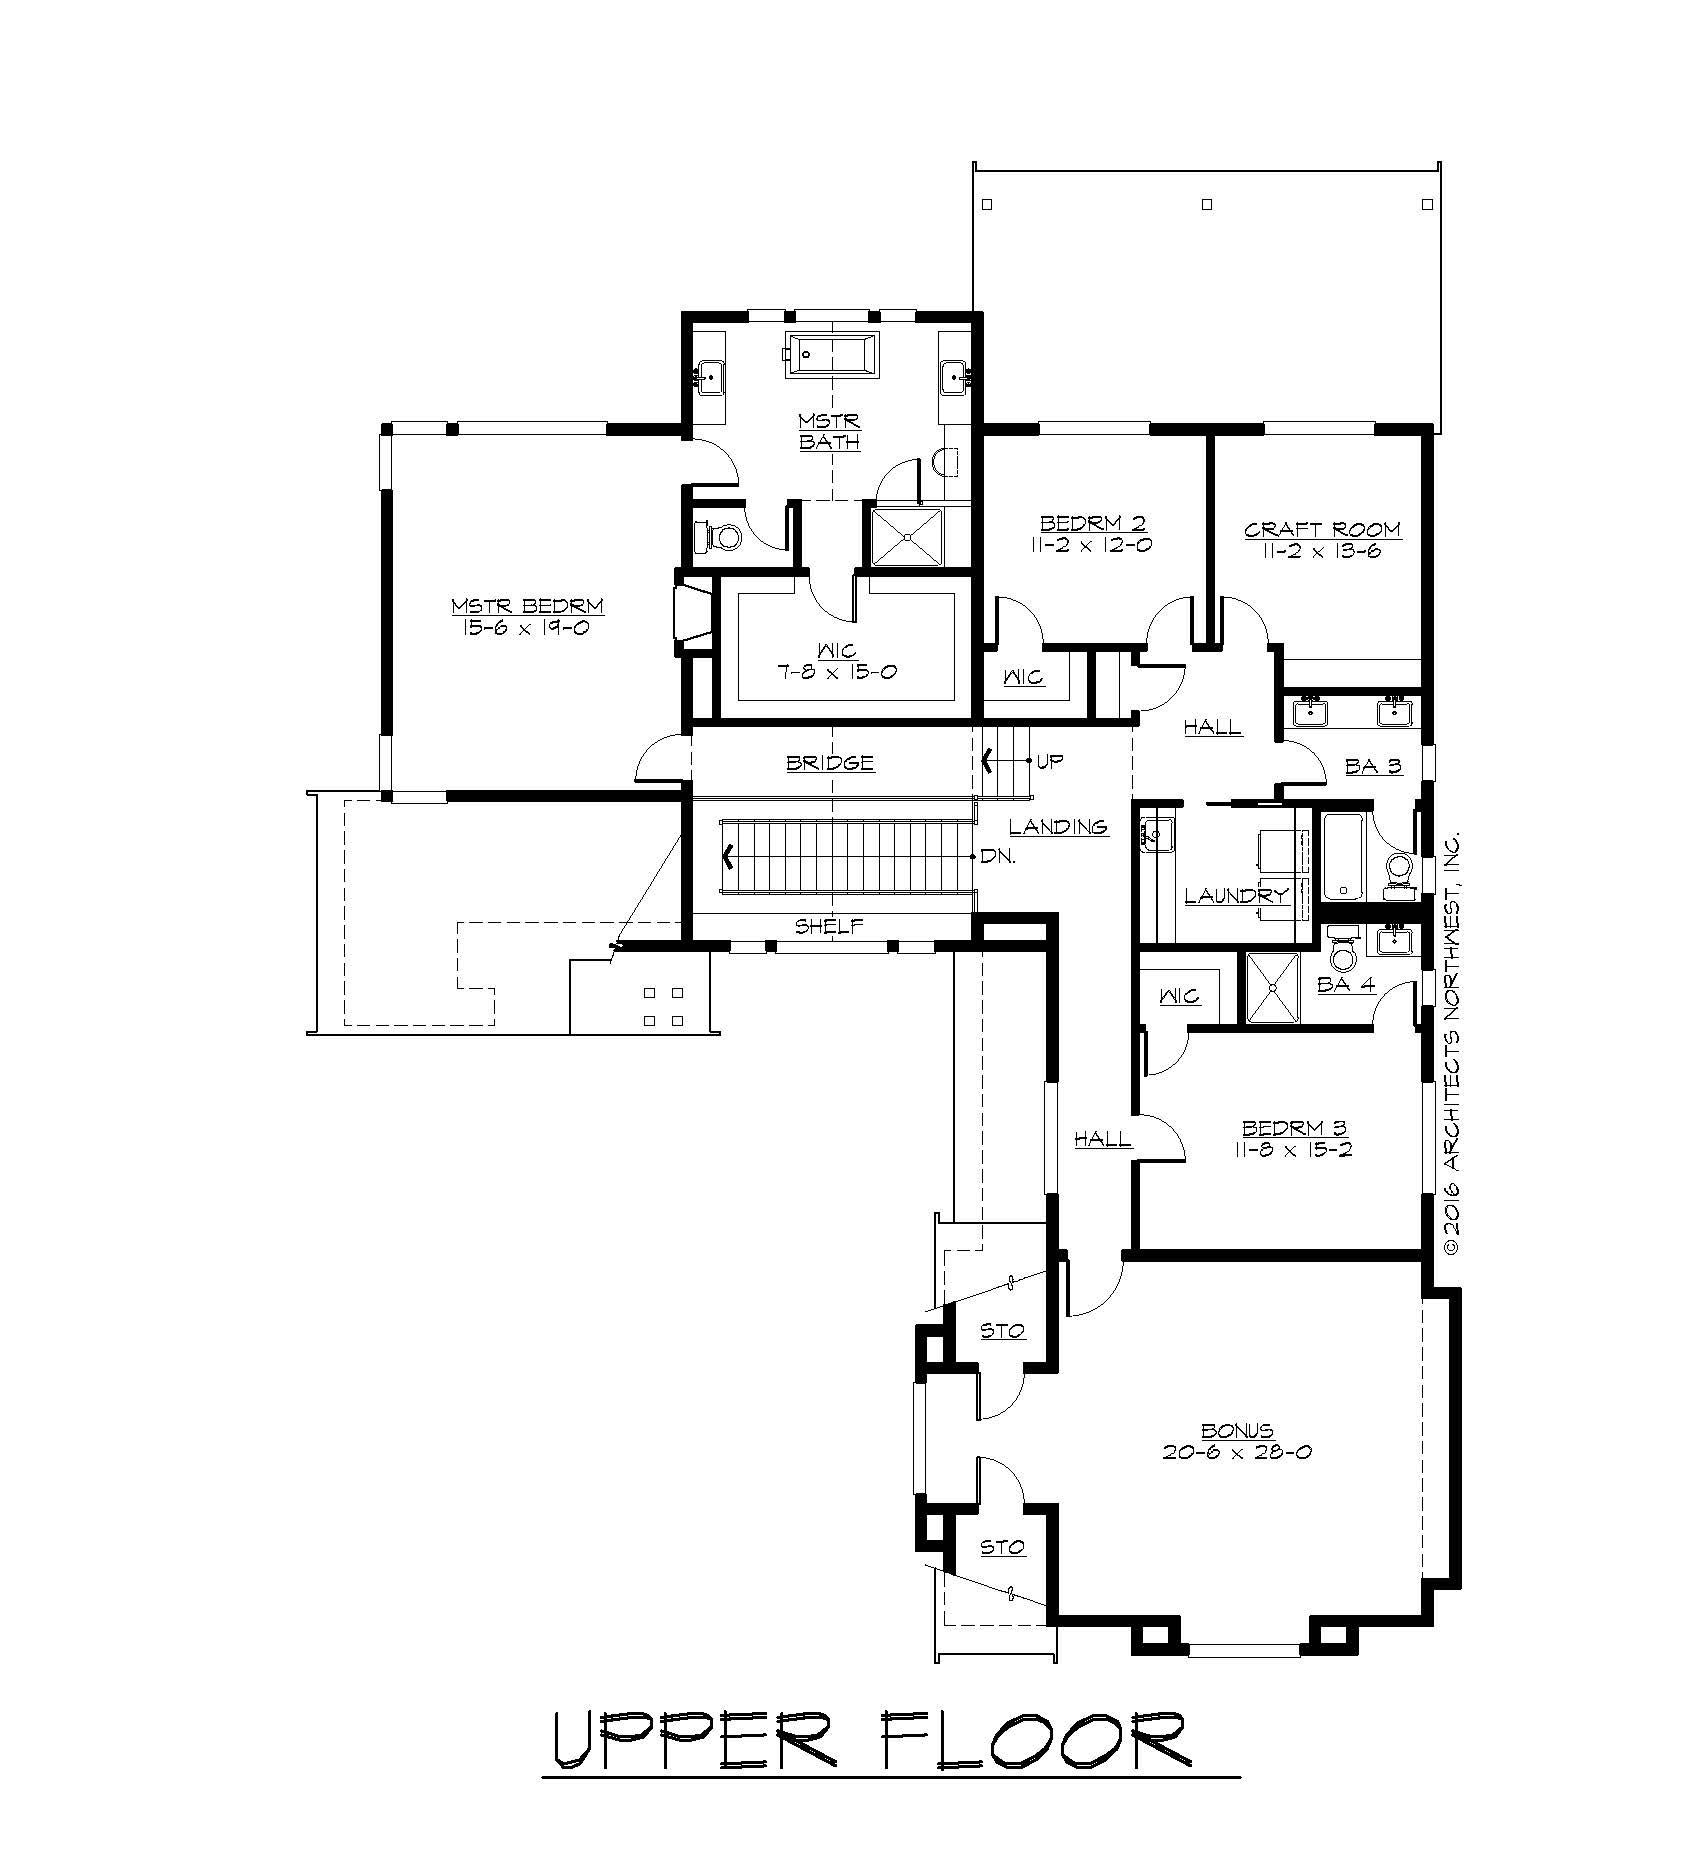 HG4-Upper